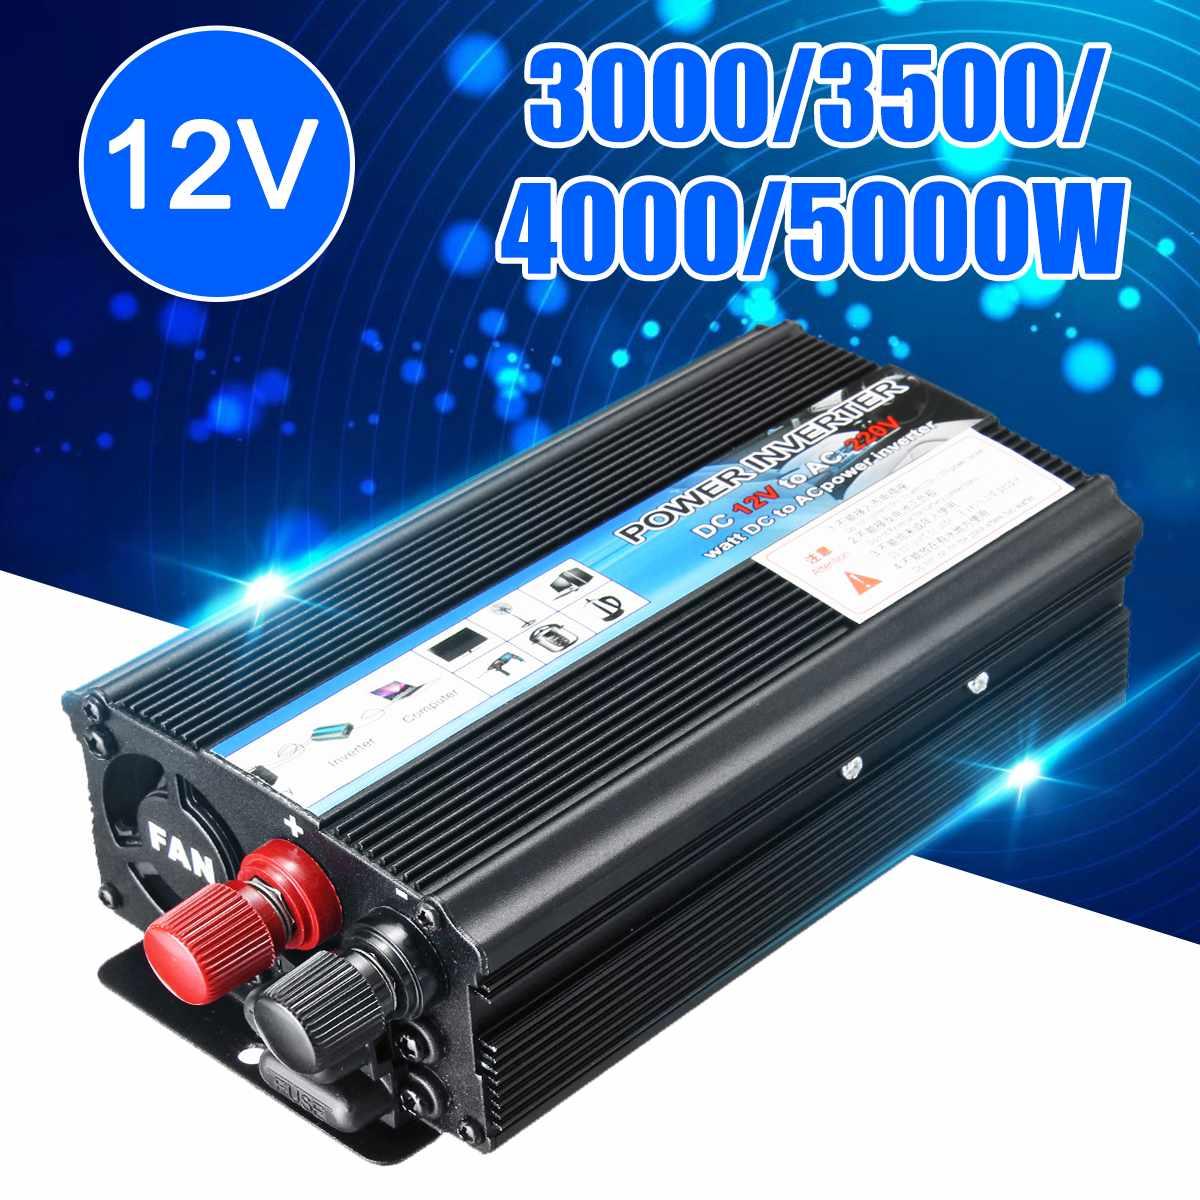 Inversor Watt de Potência Do inversor de Onda Senoidal DC 12 5000W-3000 V a 220V AC Conversor de Potência Do Carro USB Inversor Portátil инвертор 12 в 220